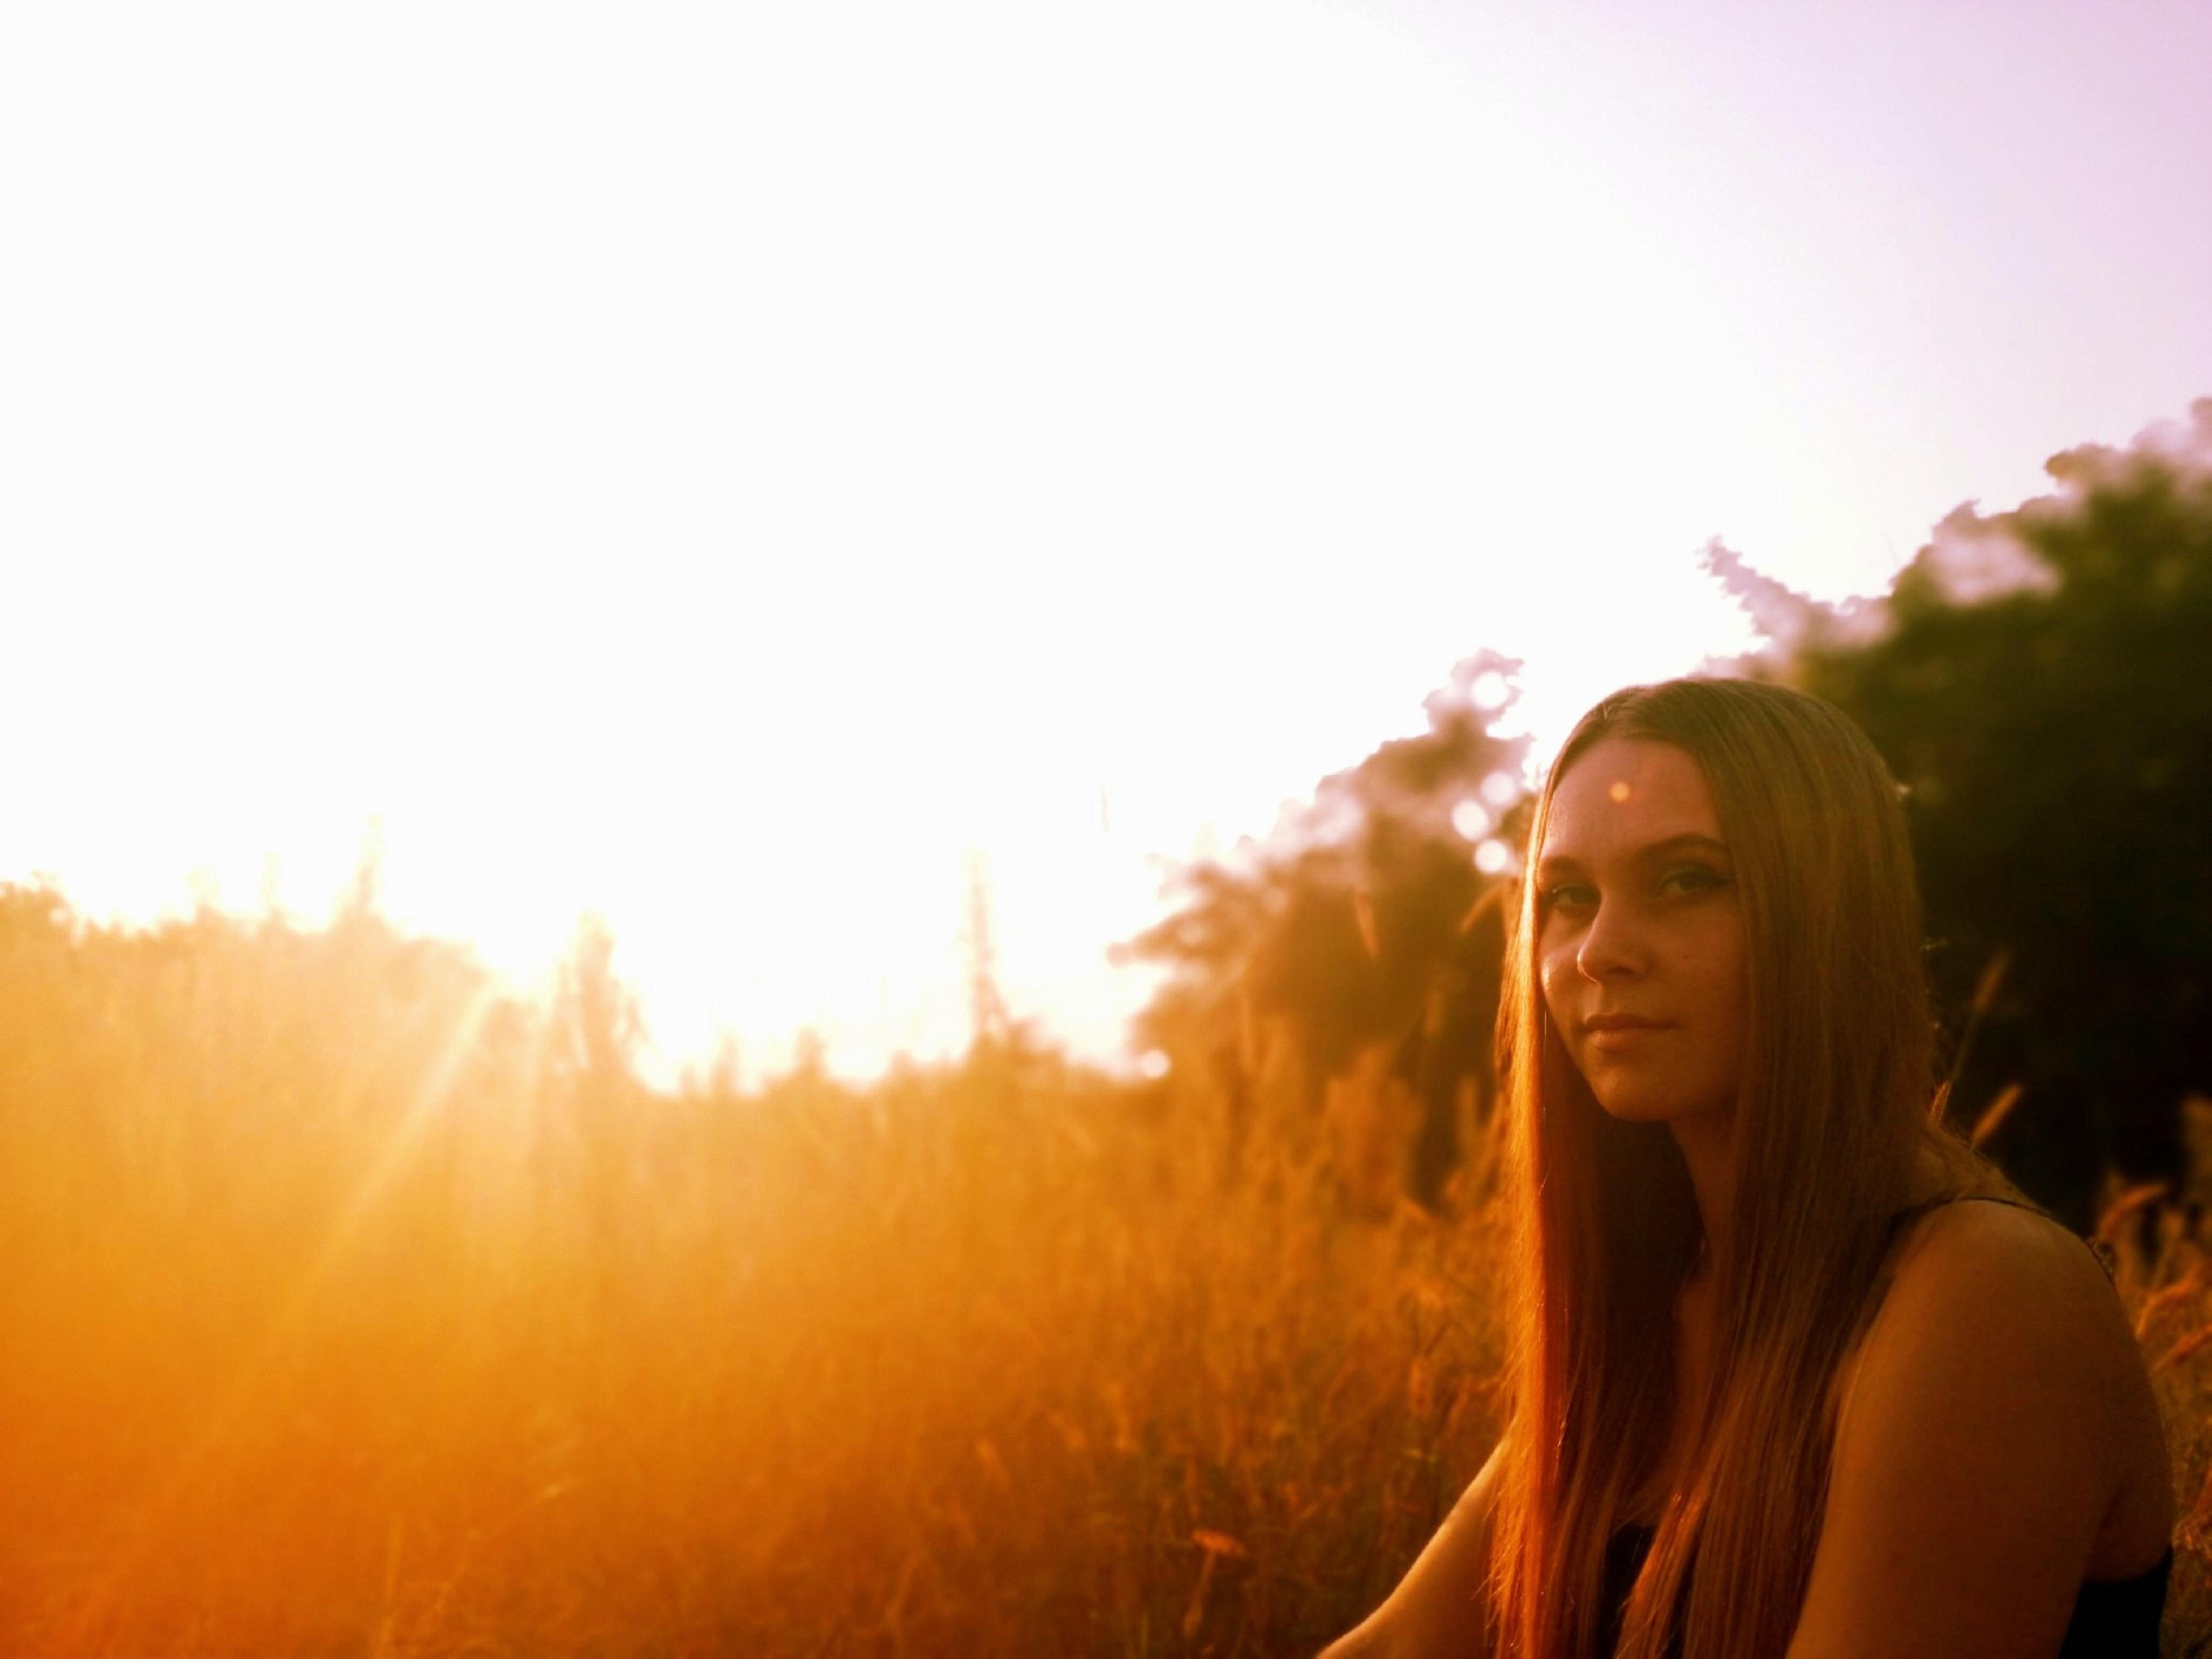 girl in sun rise